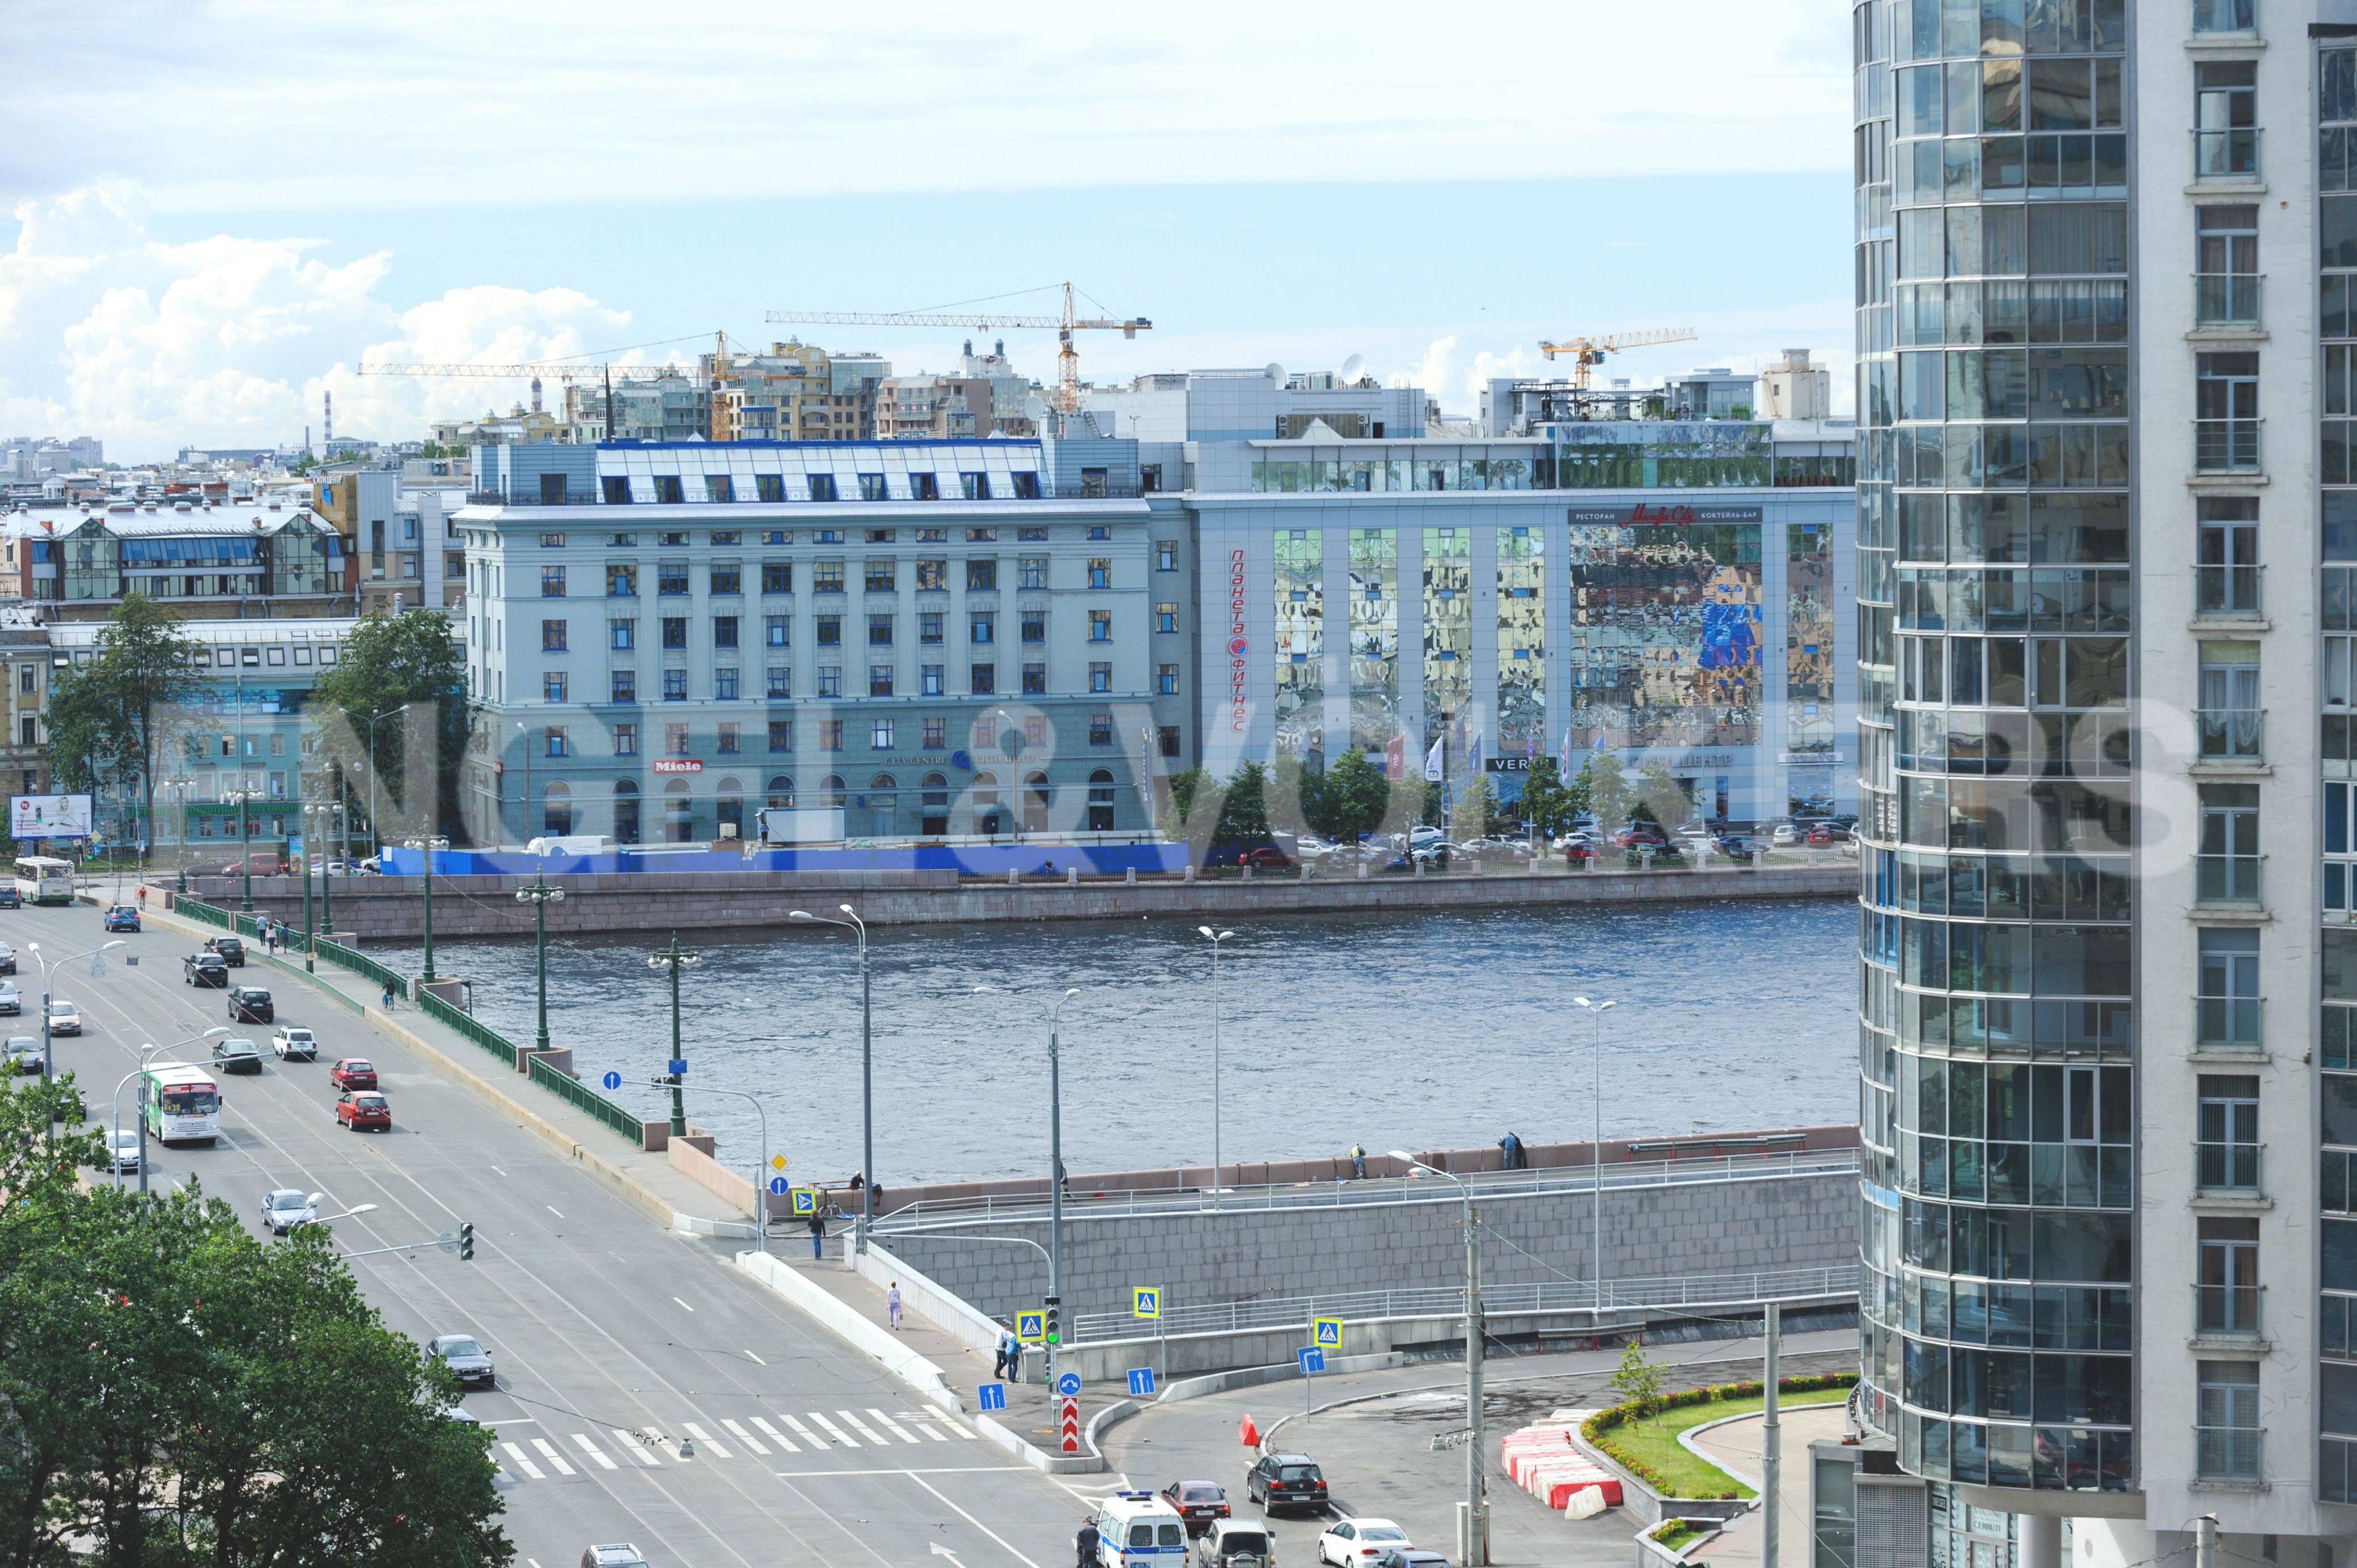 Элитные квартиры в Центральном районе. Санкт-Петербург, Большой Сампсониевский пр. 4-6. Вид из окон кабинета на Неву